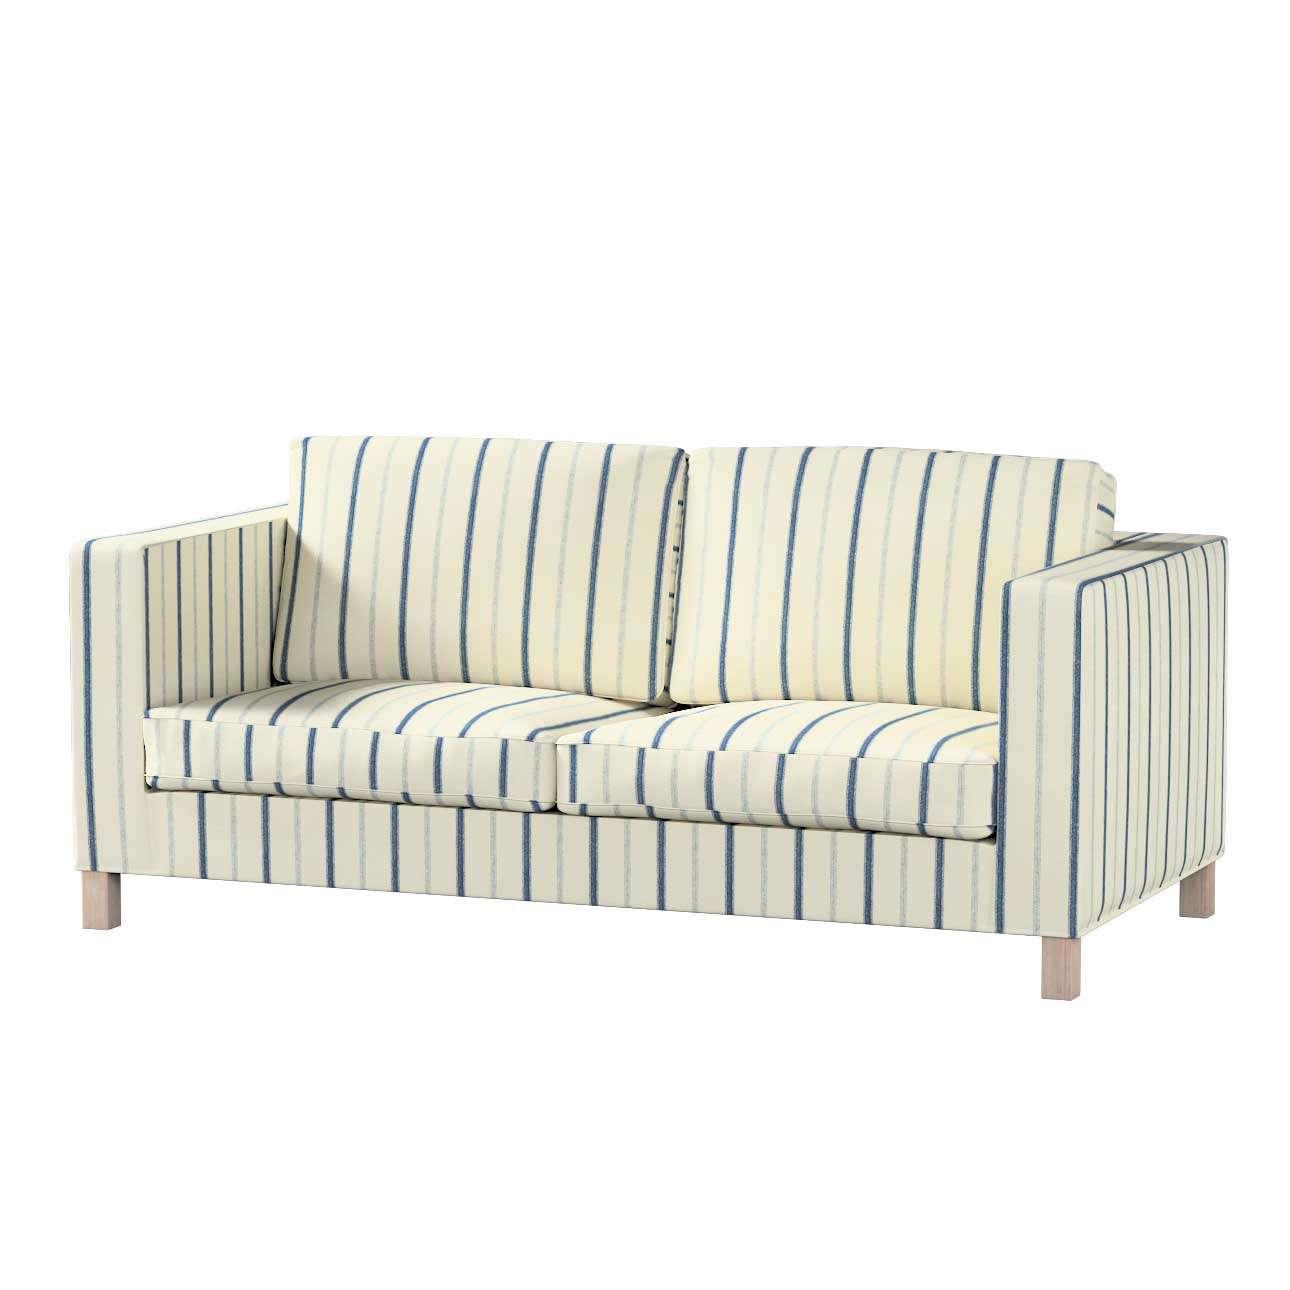 Pokrowiec na sofę Karlanda rozkładaną, krótki Sofa Karlanda rozkładana w kolekcji Avinon, tkanina: 129-66